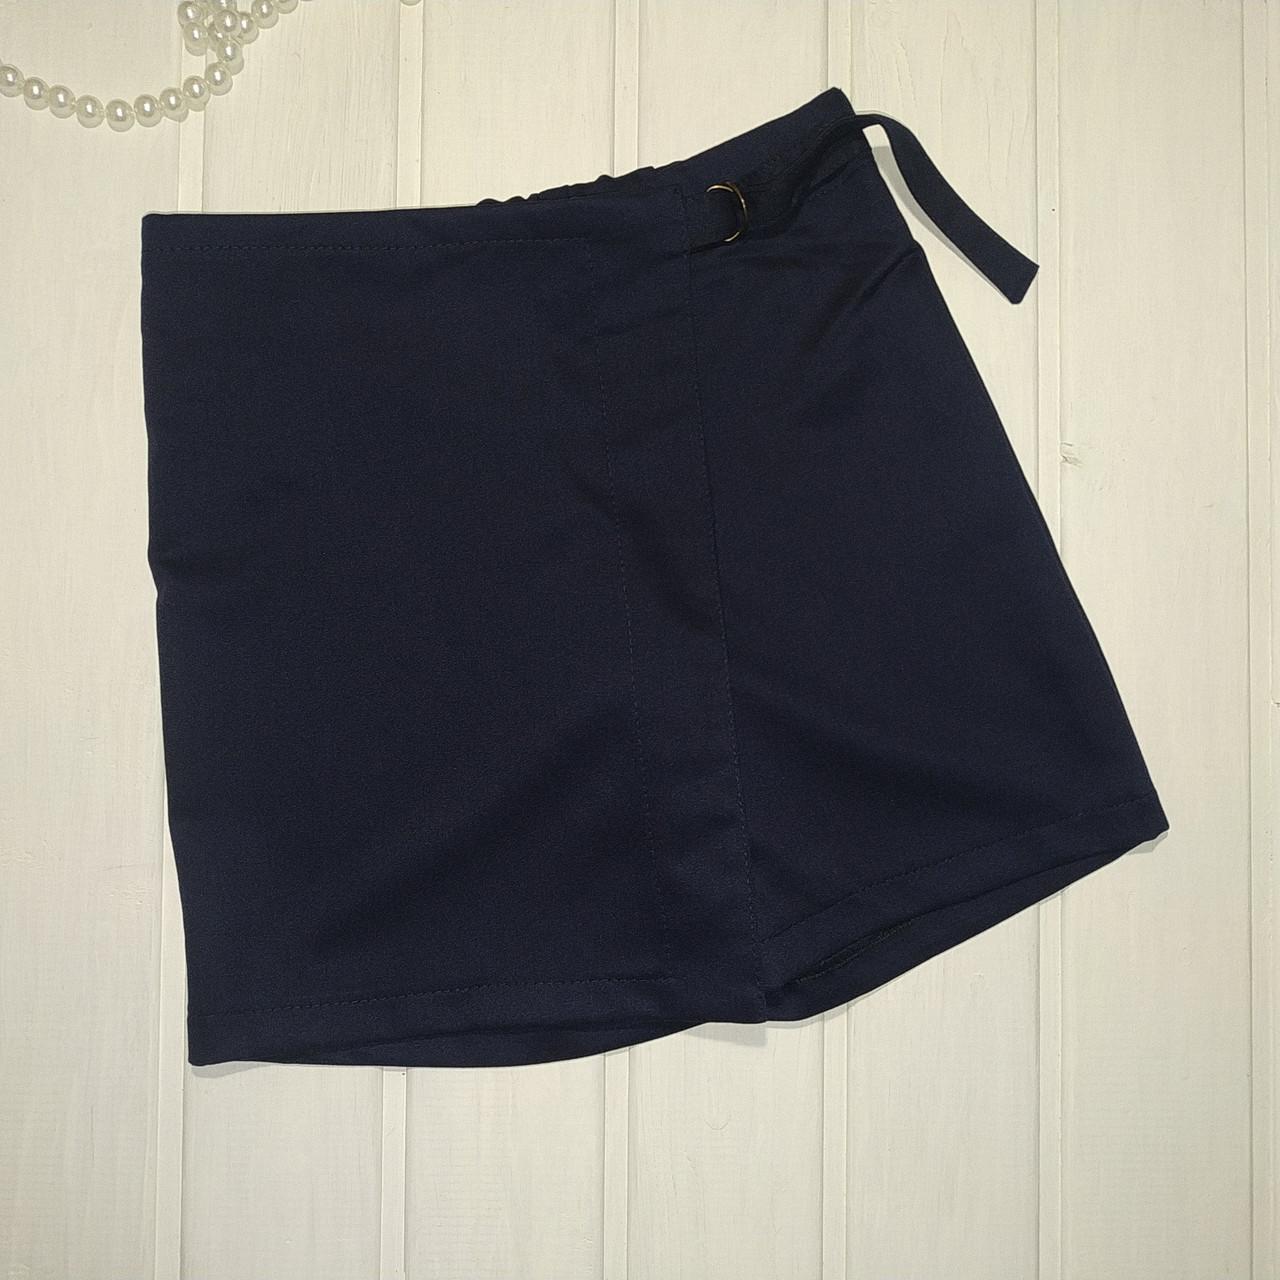 Юбка-шорты подростковые синие Размеры 128 140